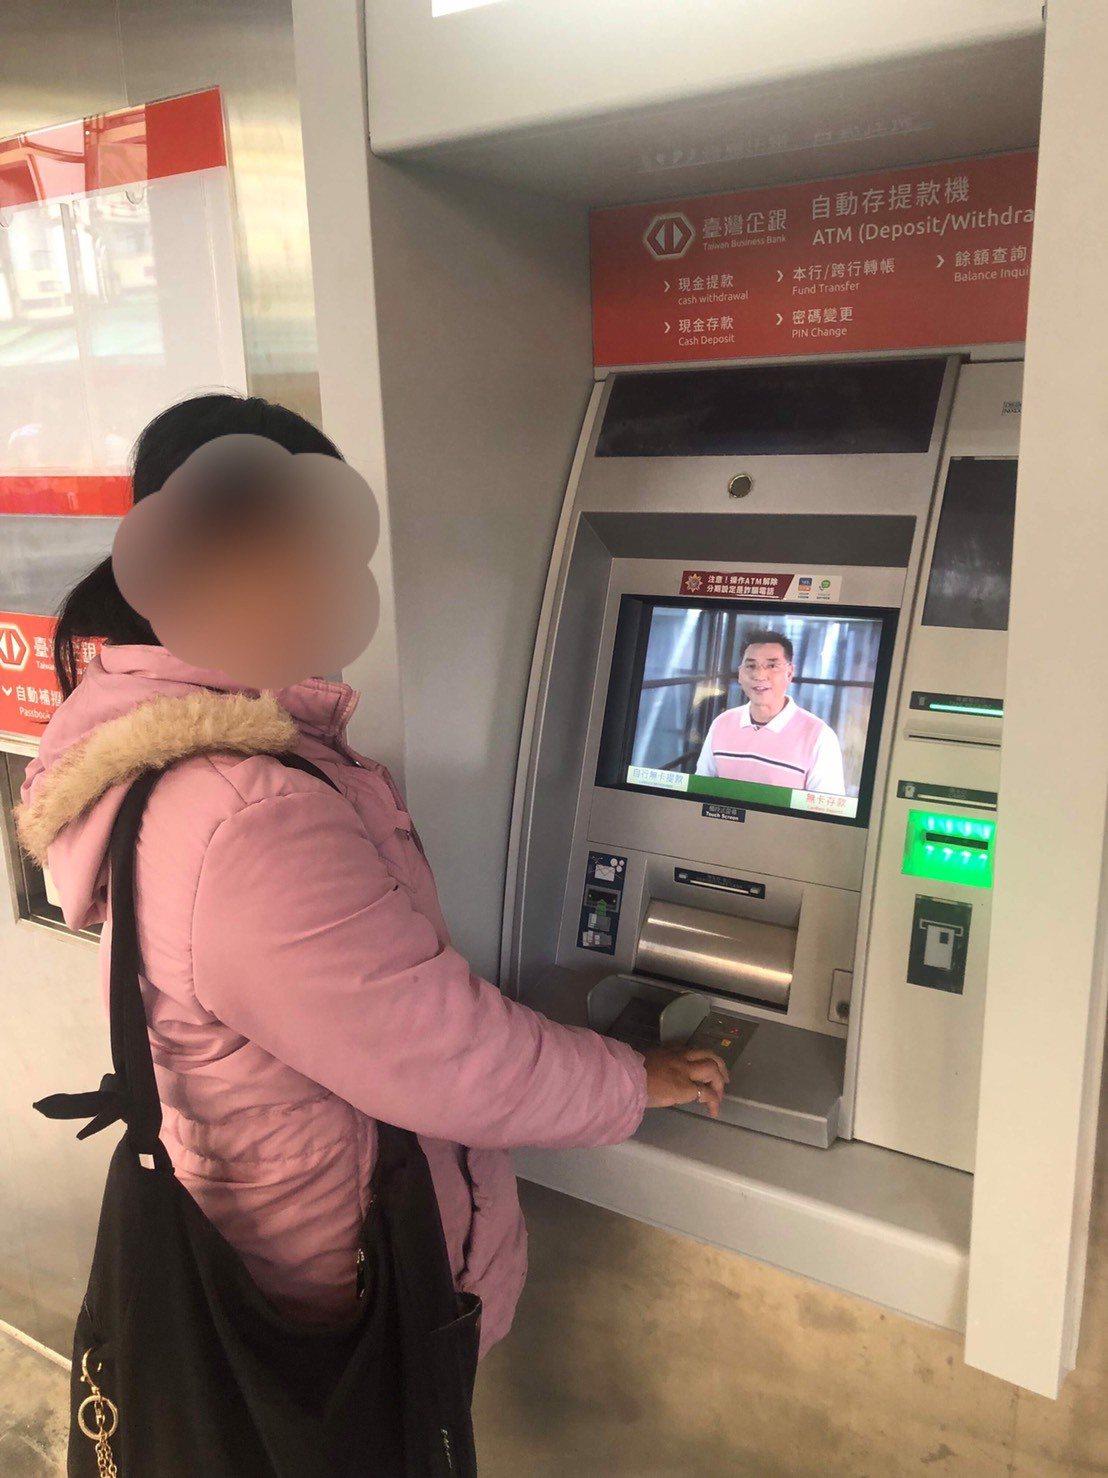 新竹一名30多岁的杜姓女子误信网上打工信息,提供帐户给诈骗集团,本以为能轻松赚钱...